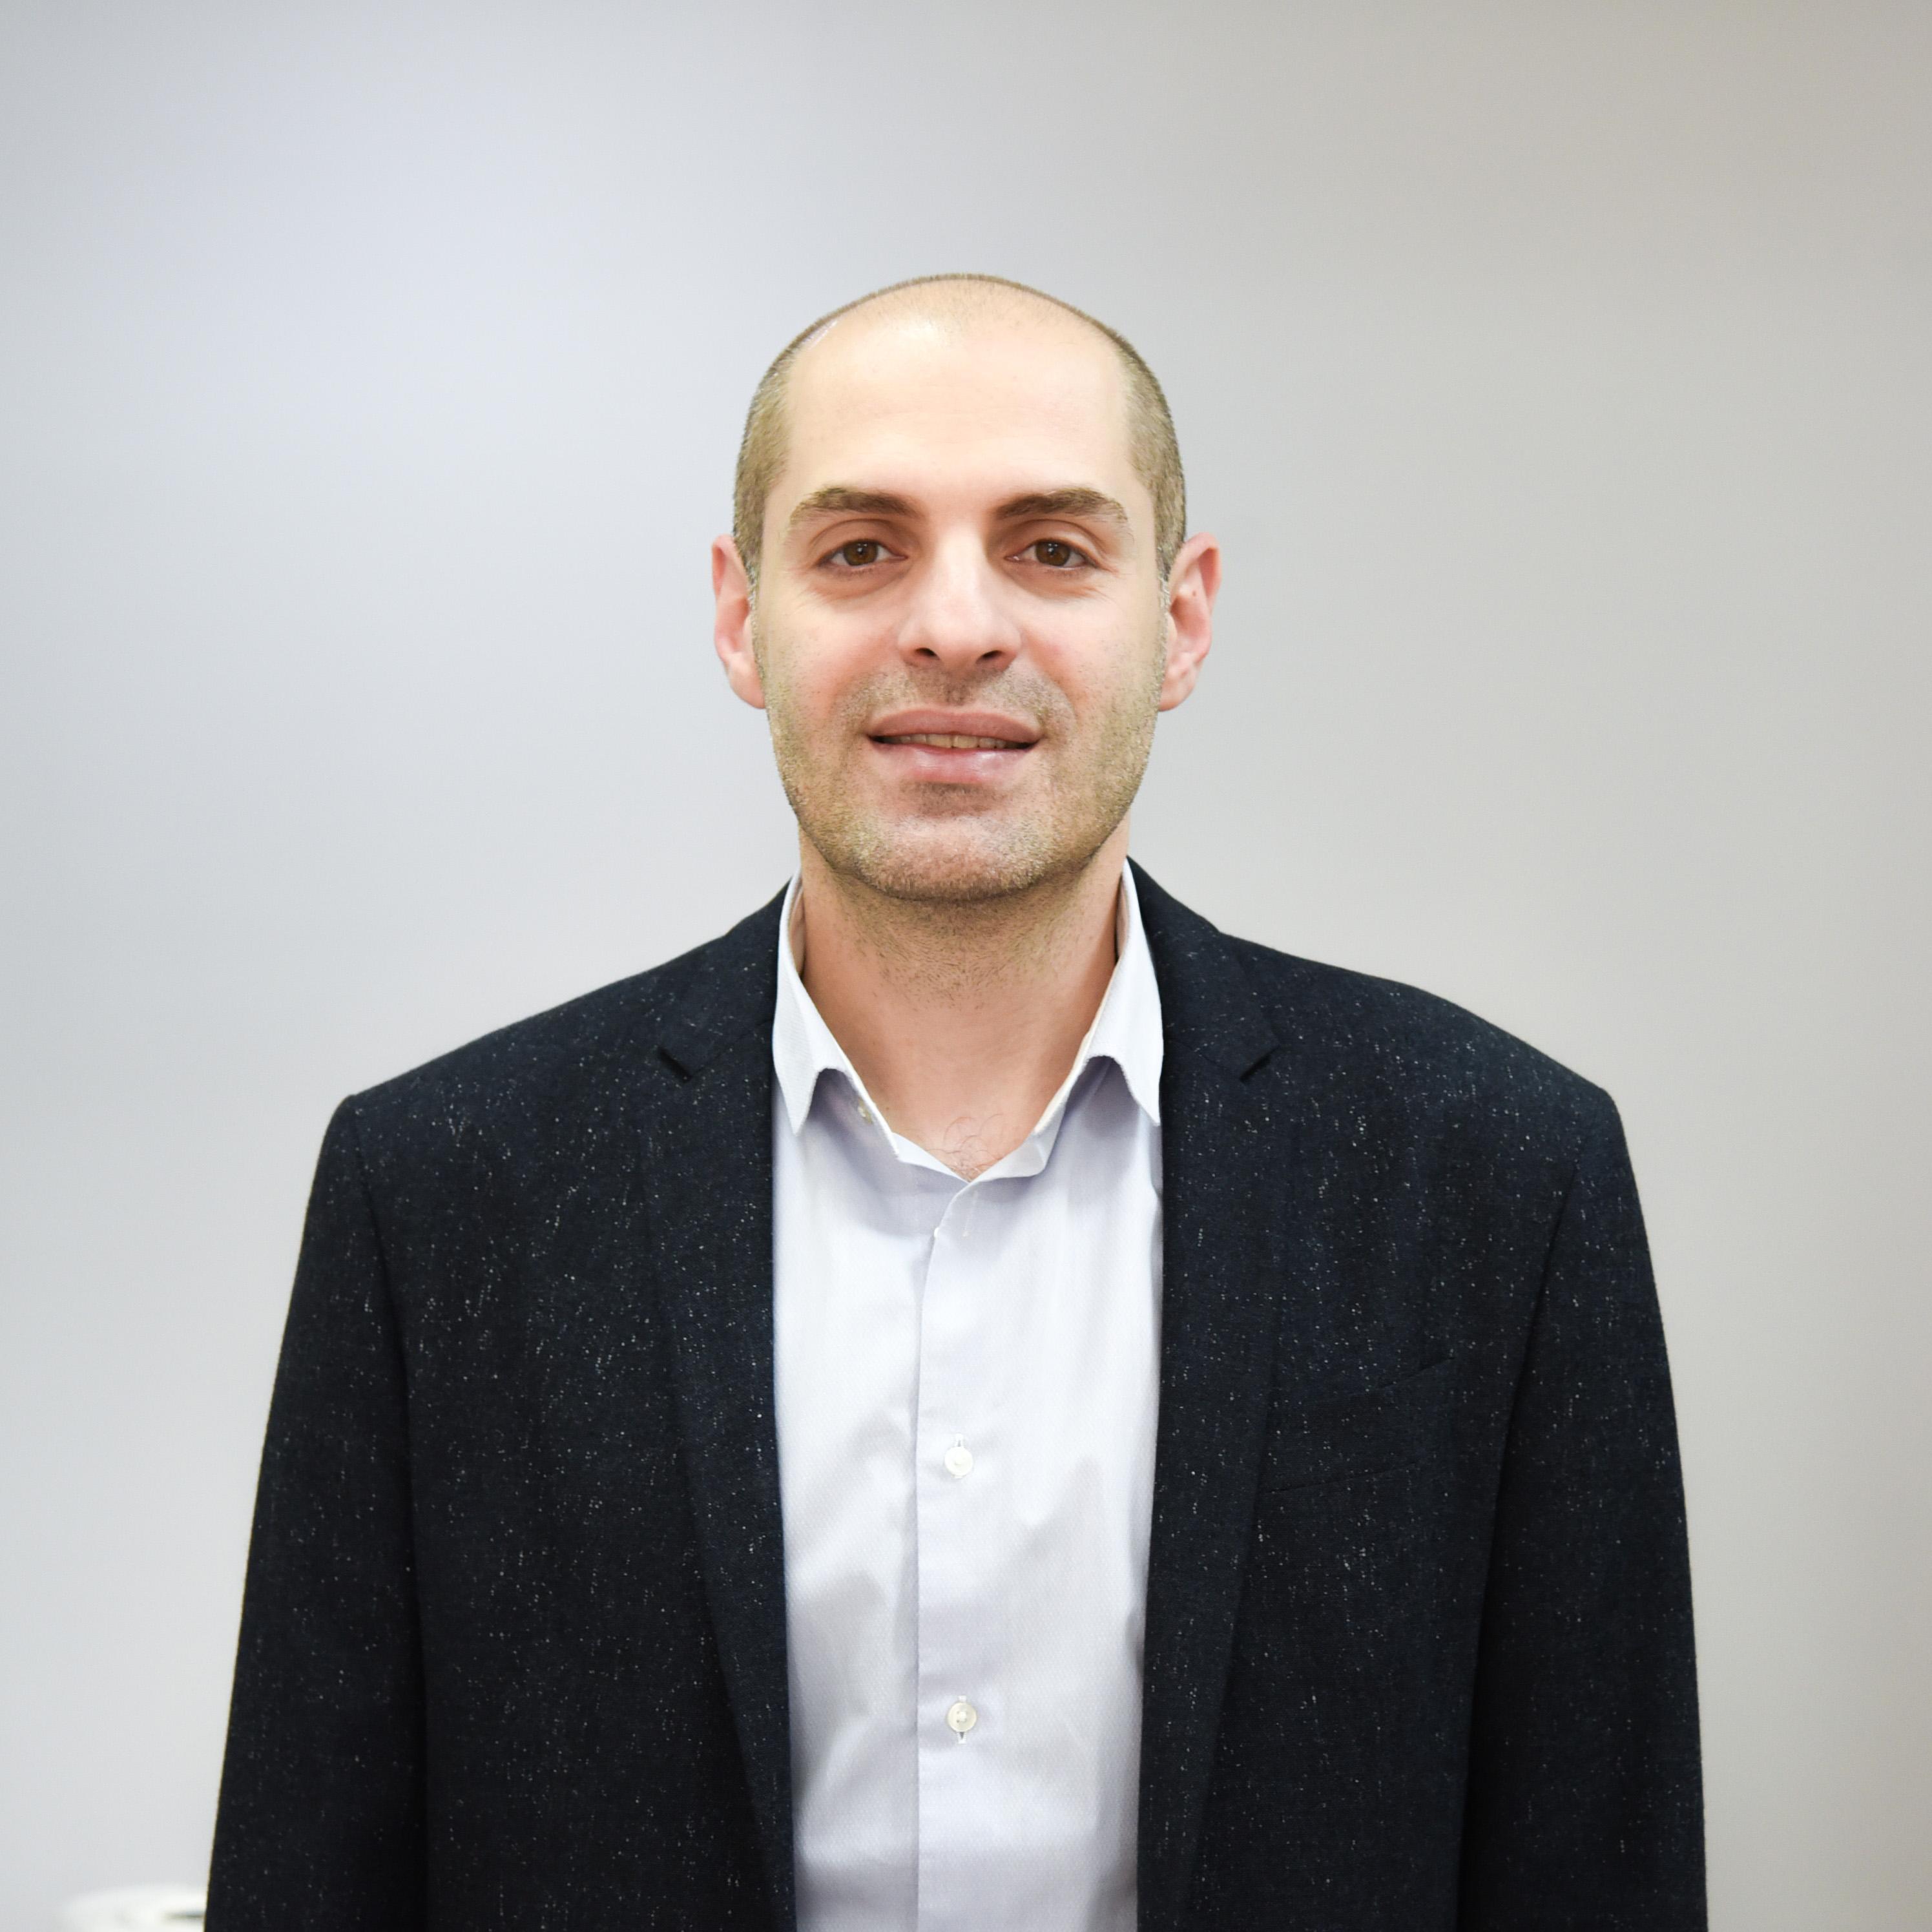 Giorgi Oniani - საერთაშორისო გამჭვირვალობა - საქართველო